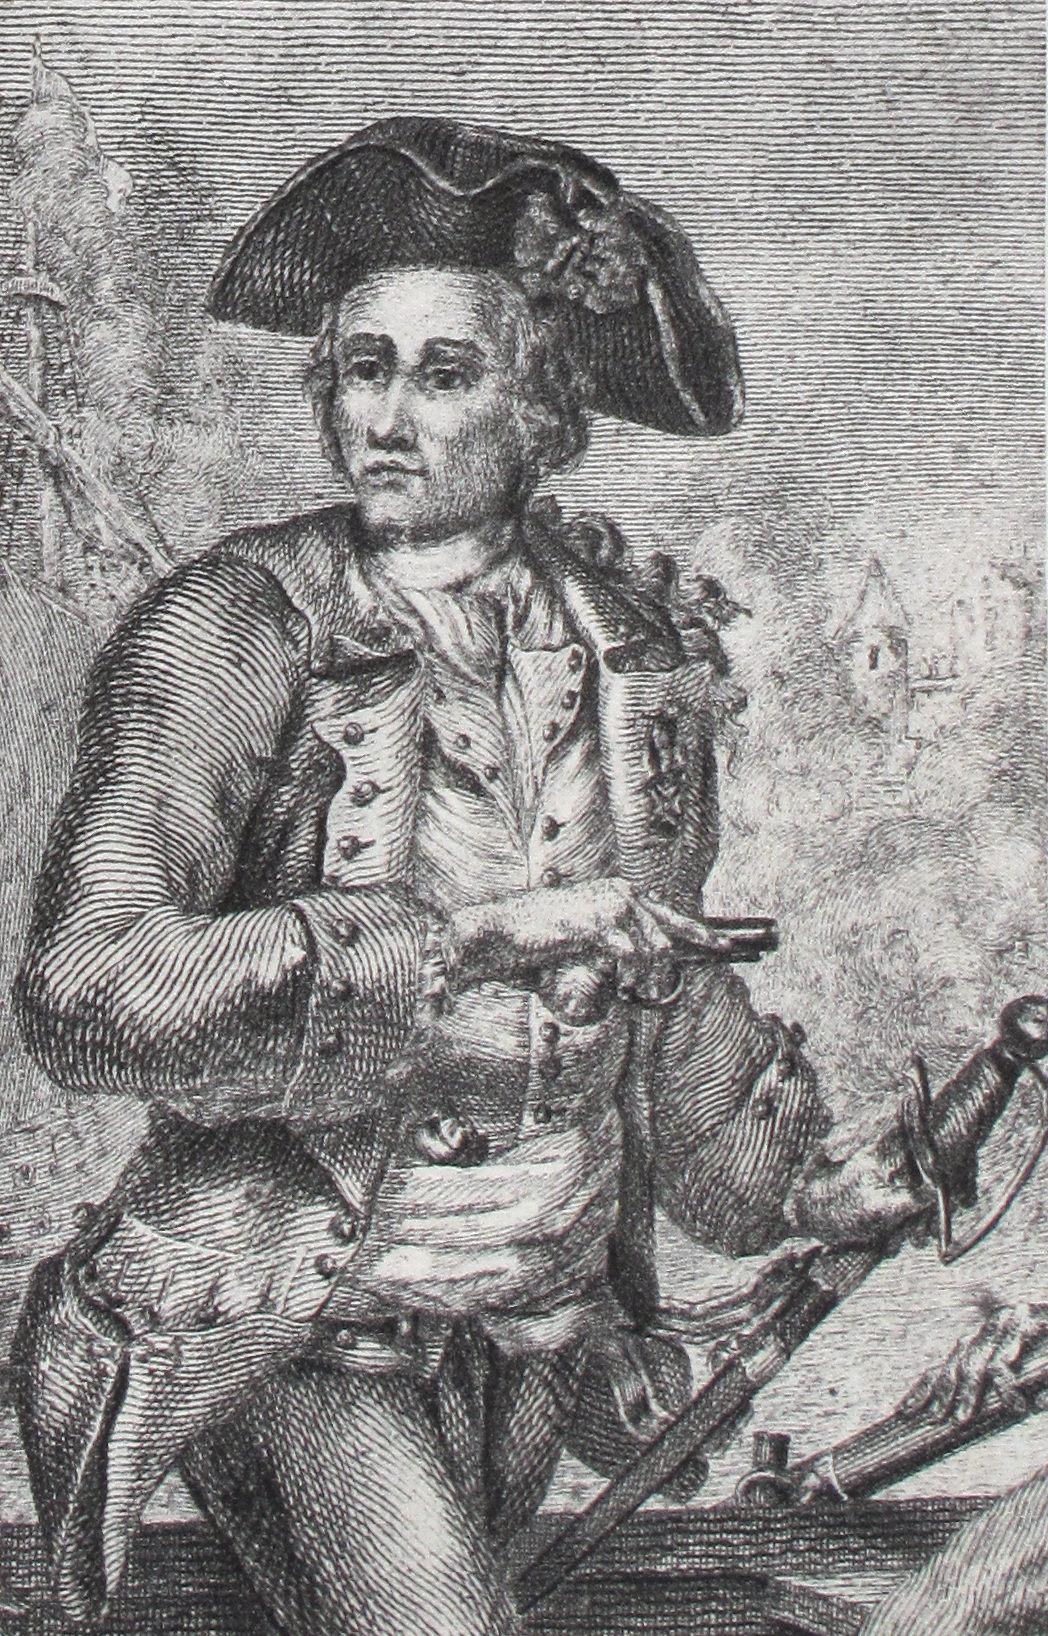 Jacques Cassard